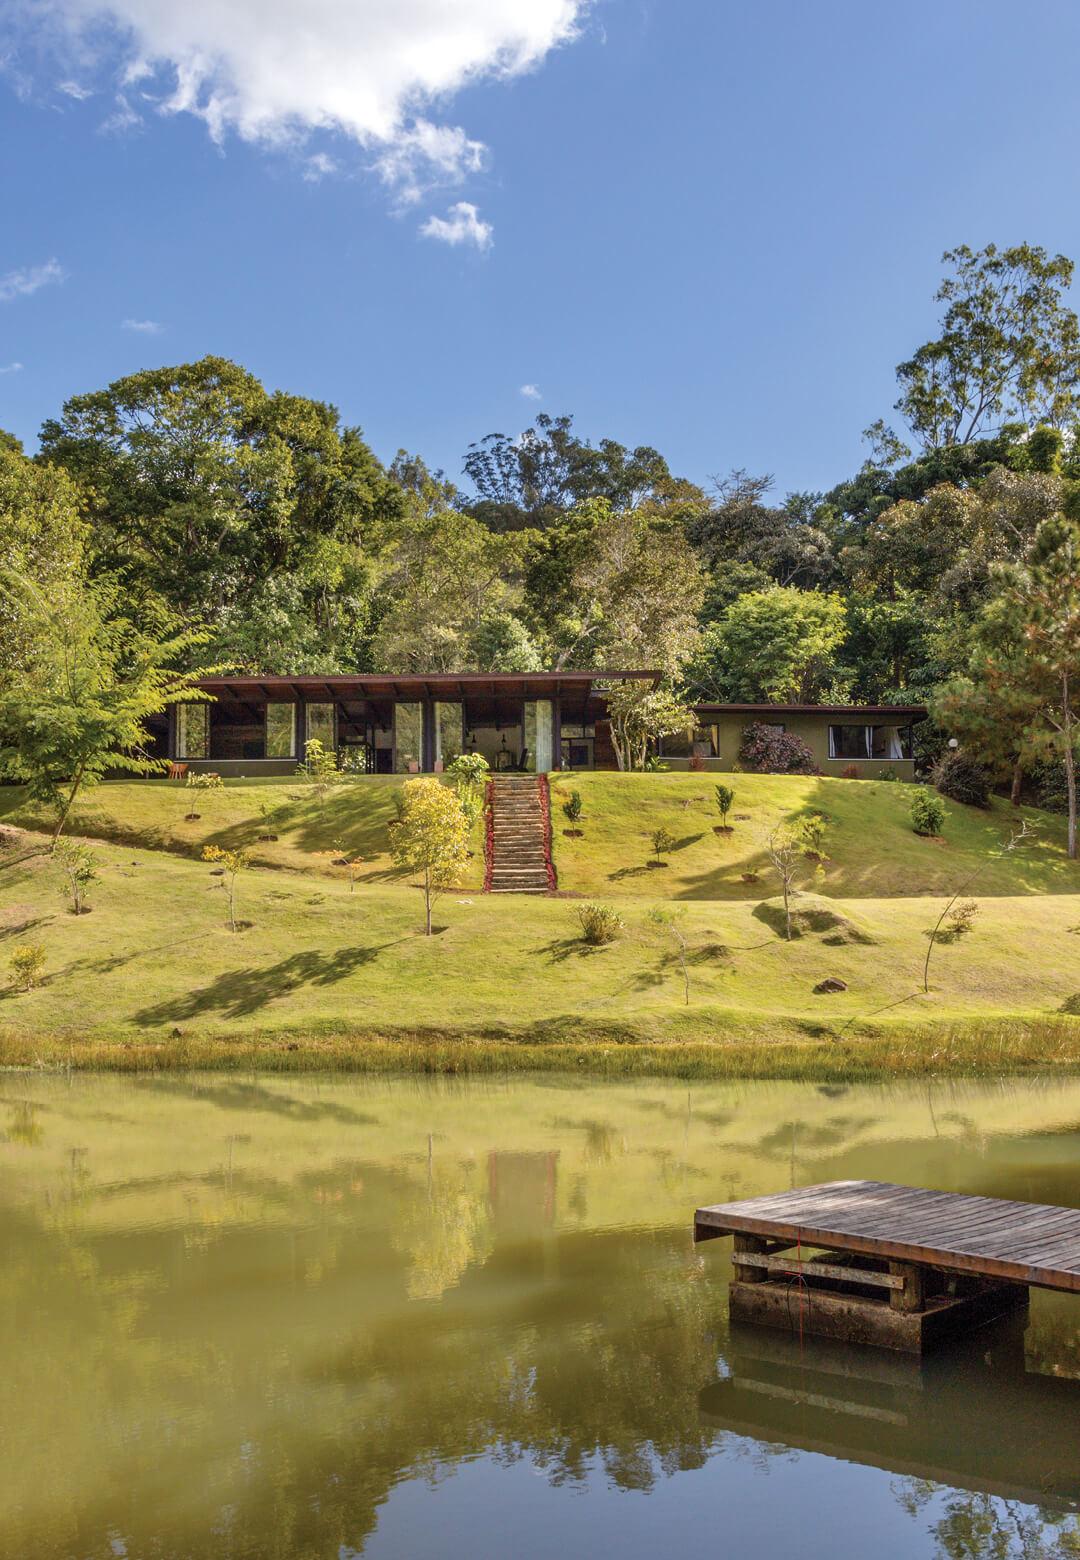 Designed as a nature retreat, 'House in Vale das Videiras' blends into its landscape | House in Vale das Videiras by Rodrigo Simão Arquitetura | STIRworld